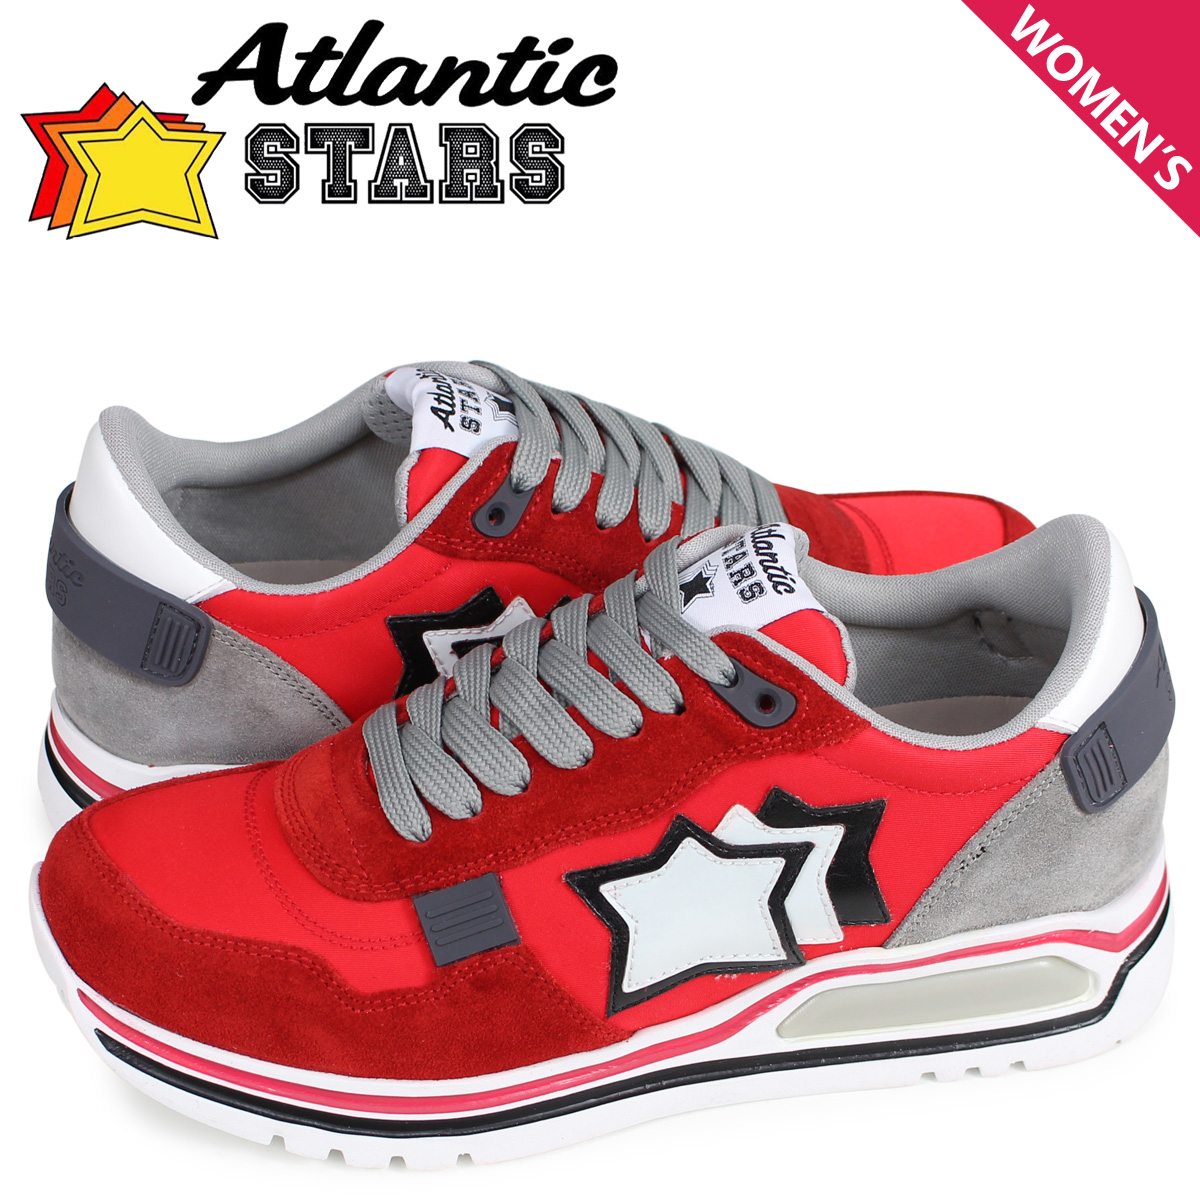 【お買い物マラソンSALE】 アトランティックスターズ Atlantic STARS シャカ スニーカー レディース SHAKA レッド CF-J04